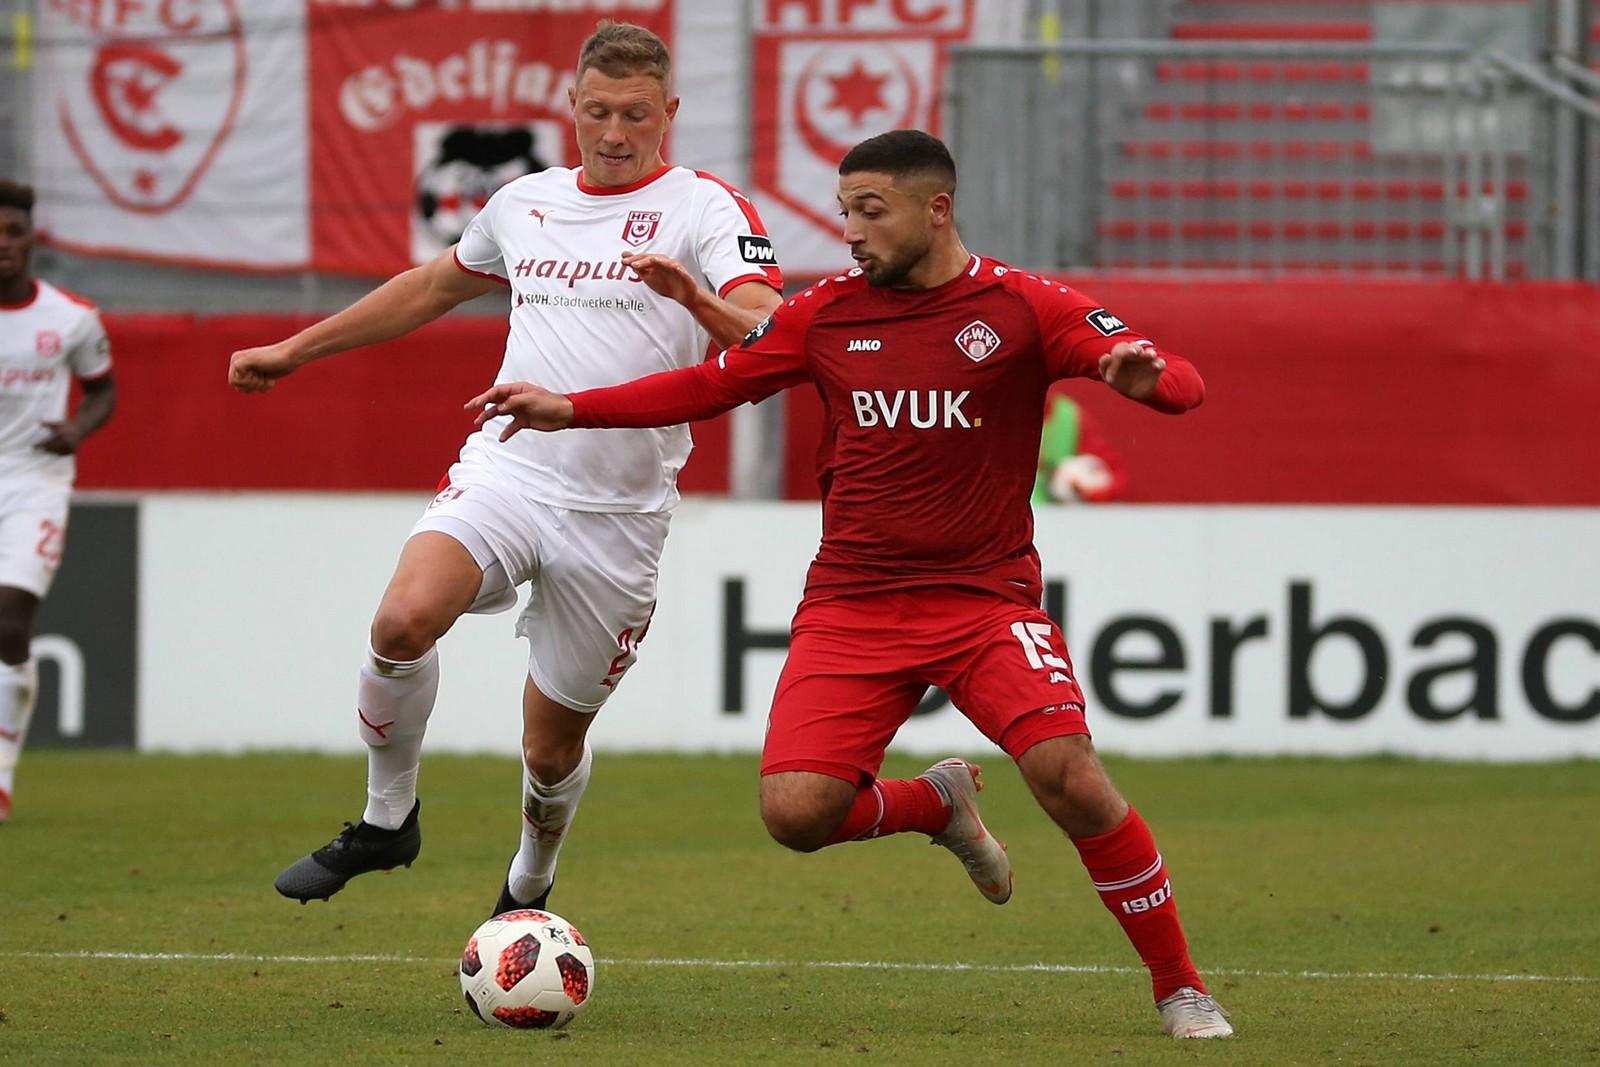 Enes Küc absolvierte für Würzburg bislang sieben Partien in der 3. Liga.